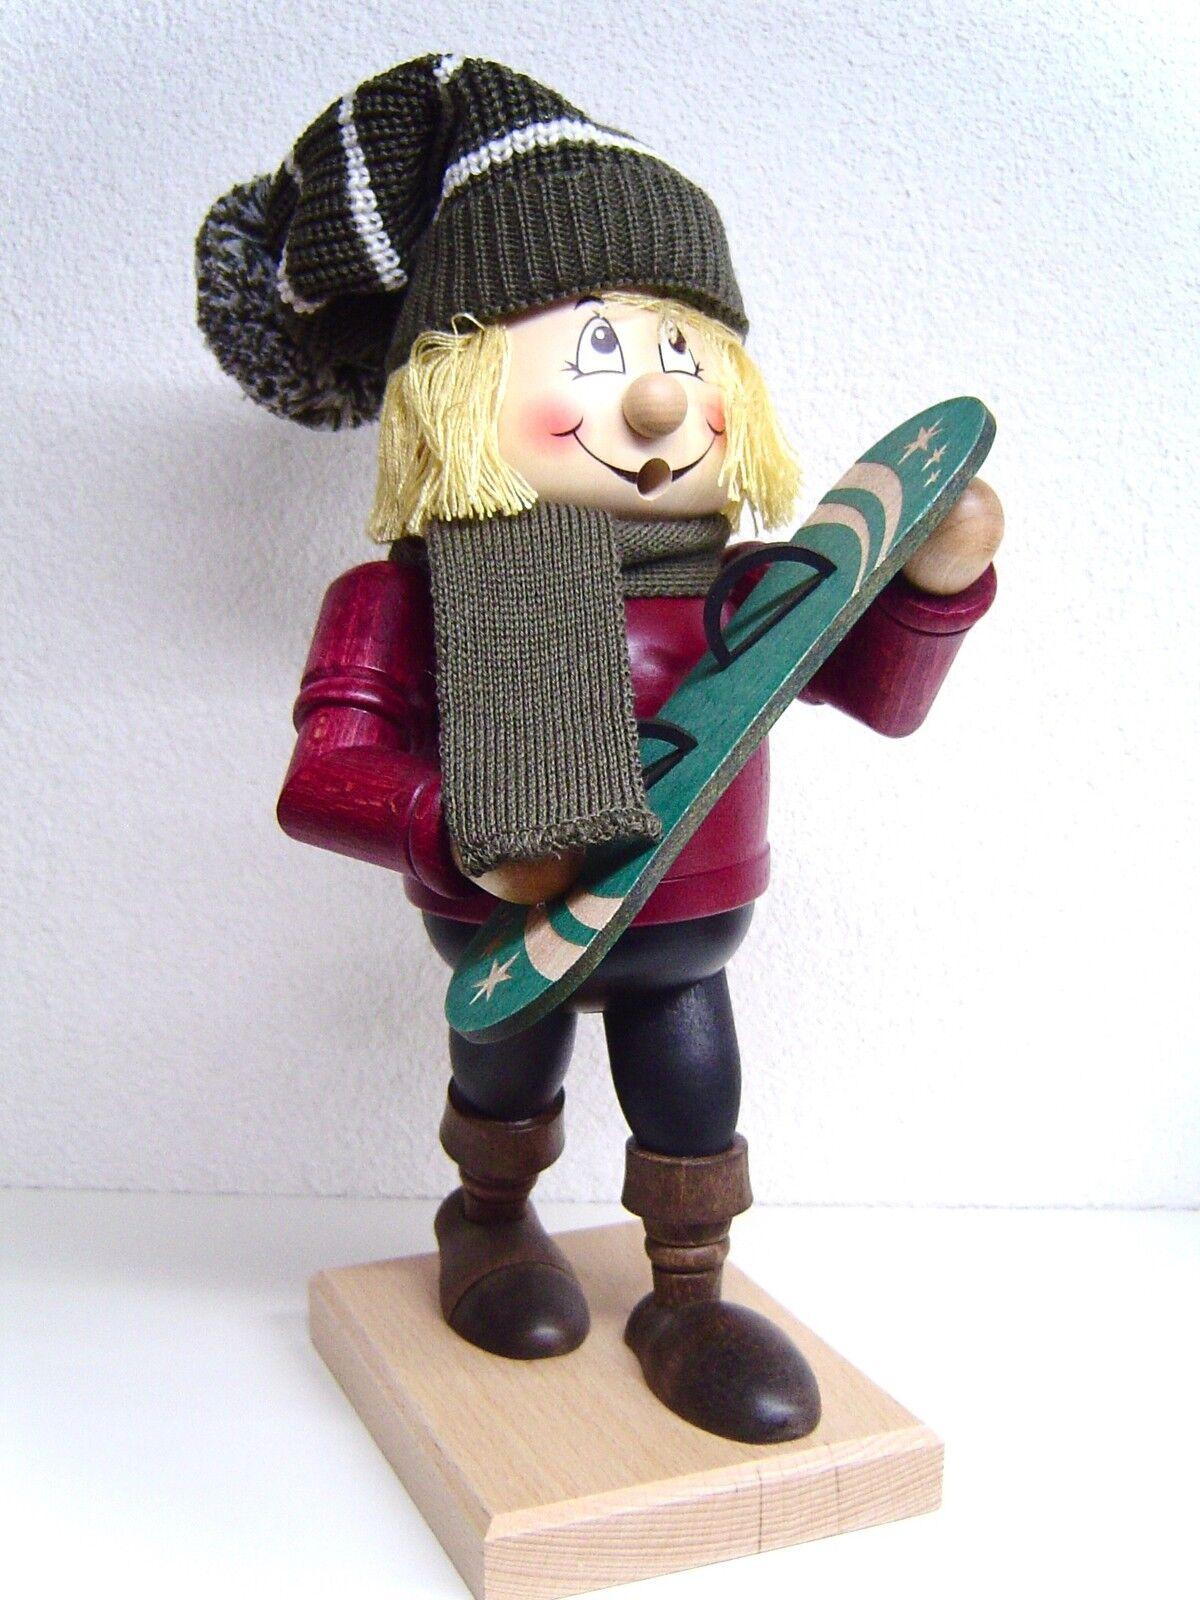 Riesen Räuchermann Räucherfigur Wichtel Winterkind Snowboarder Farbig 31cm 31cm 31cm 15977 68baaa